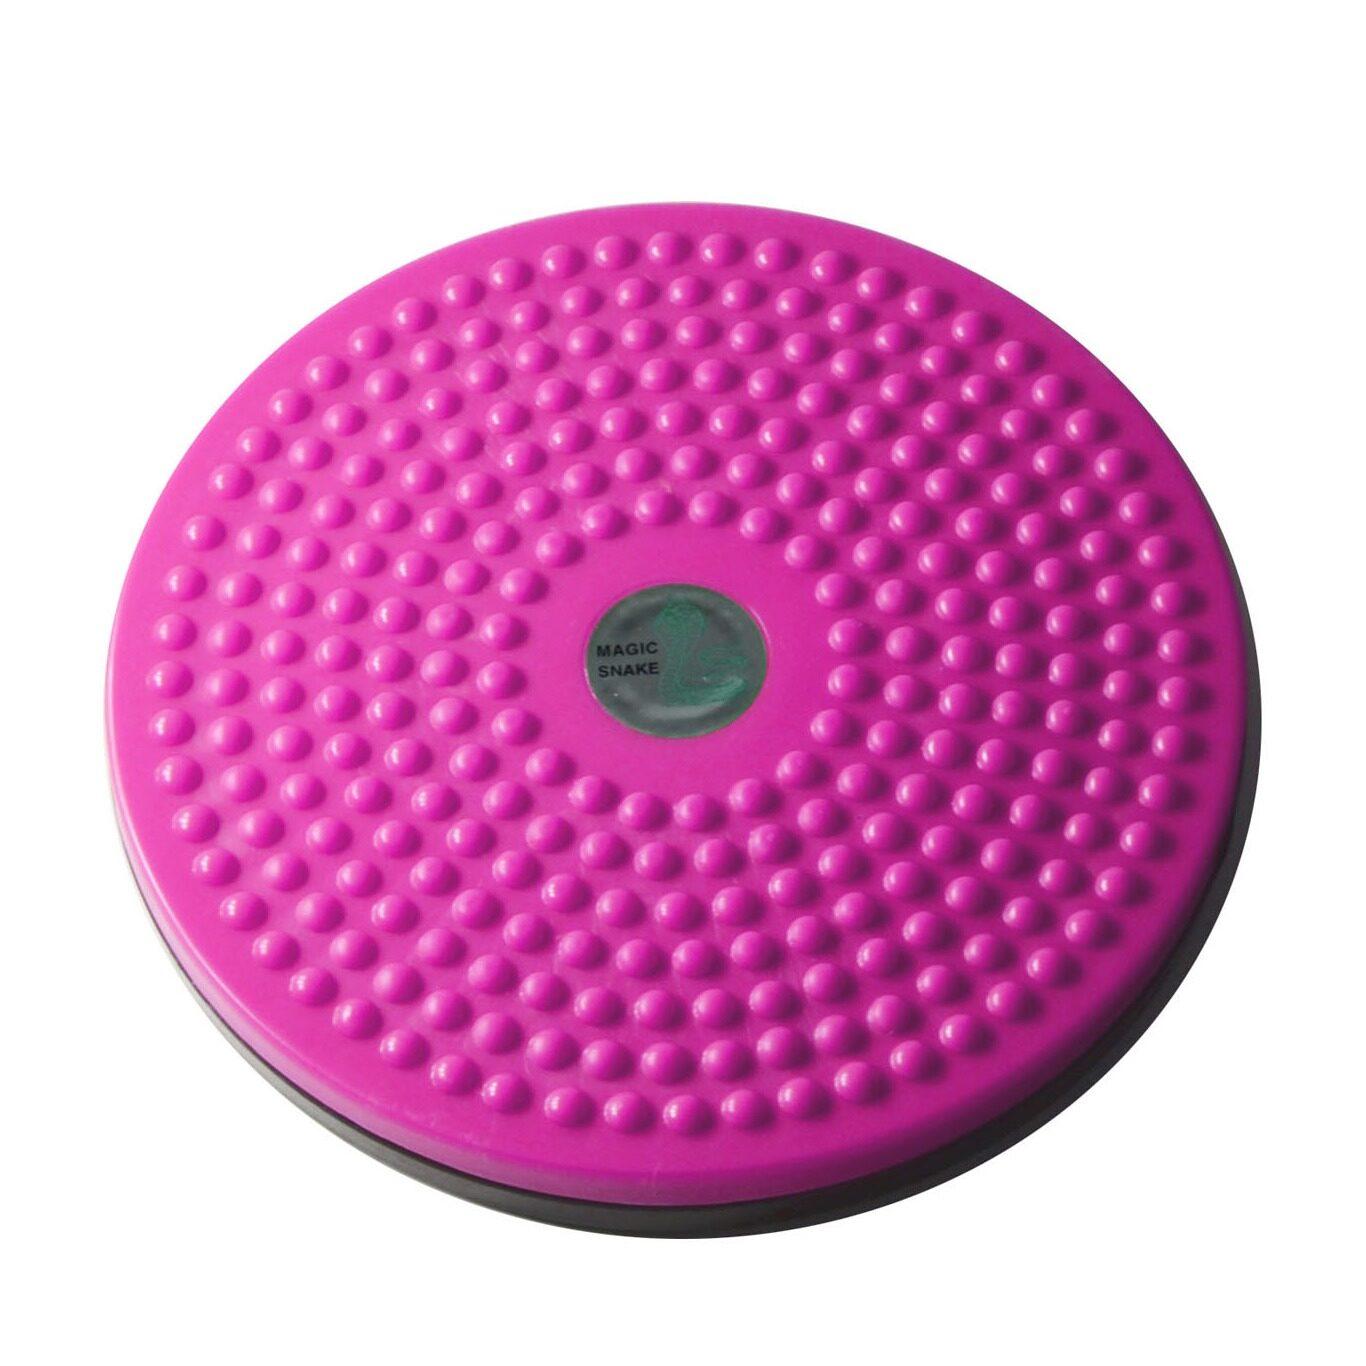 จานทวิส จานหมุนเอว เล็ก (สีชมพู) Twist Disc / Twist Plate / Twister.